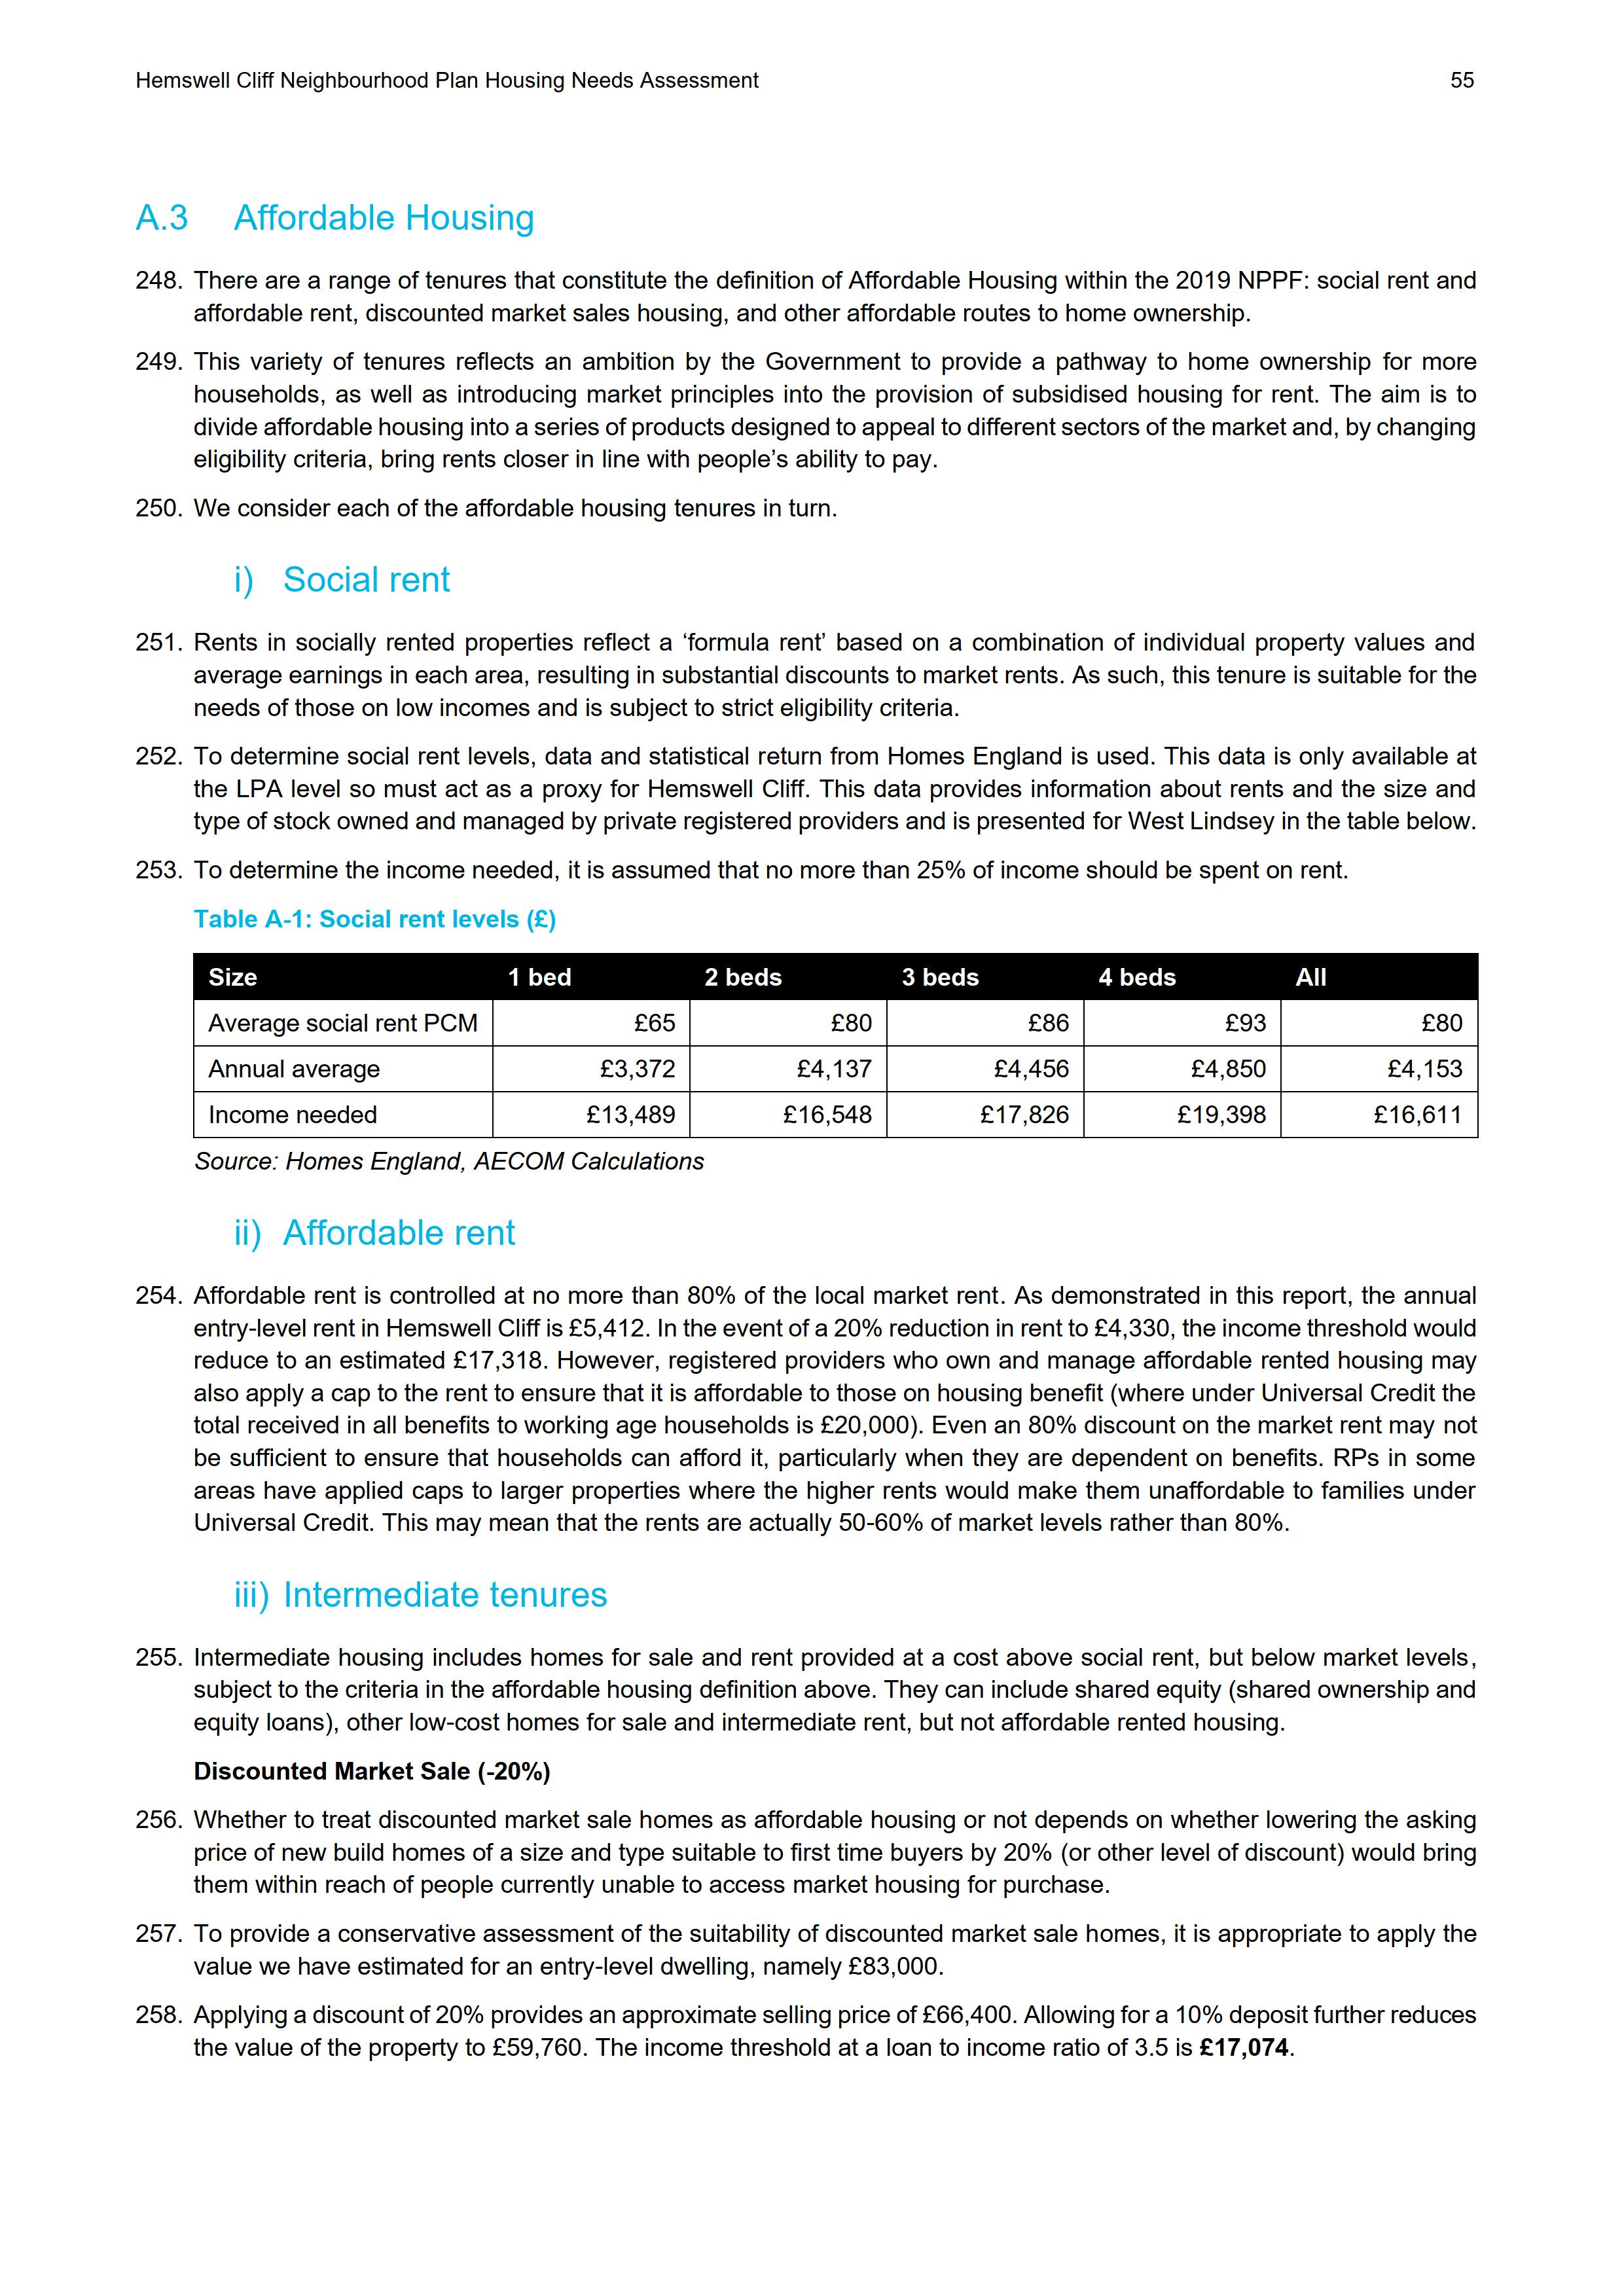 Hemswell_Cliff_Housing_Needs_Assessment_Final_55.png